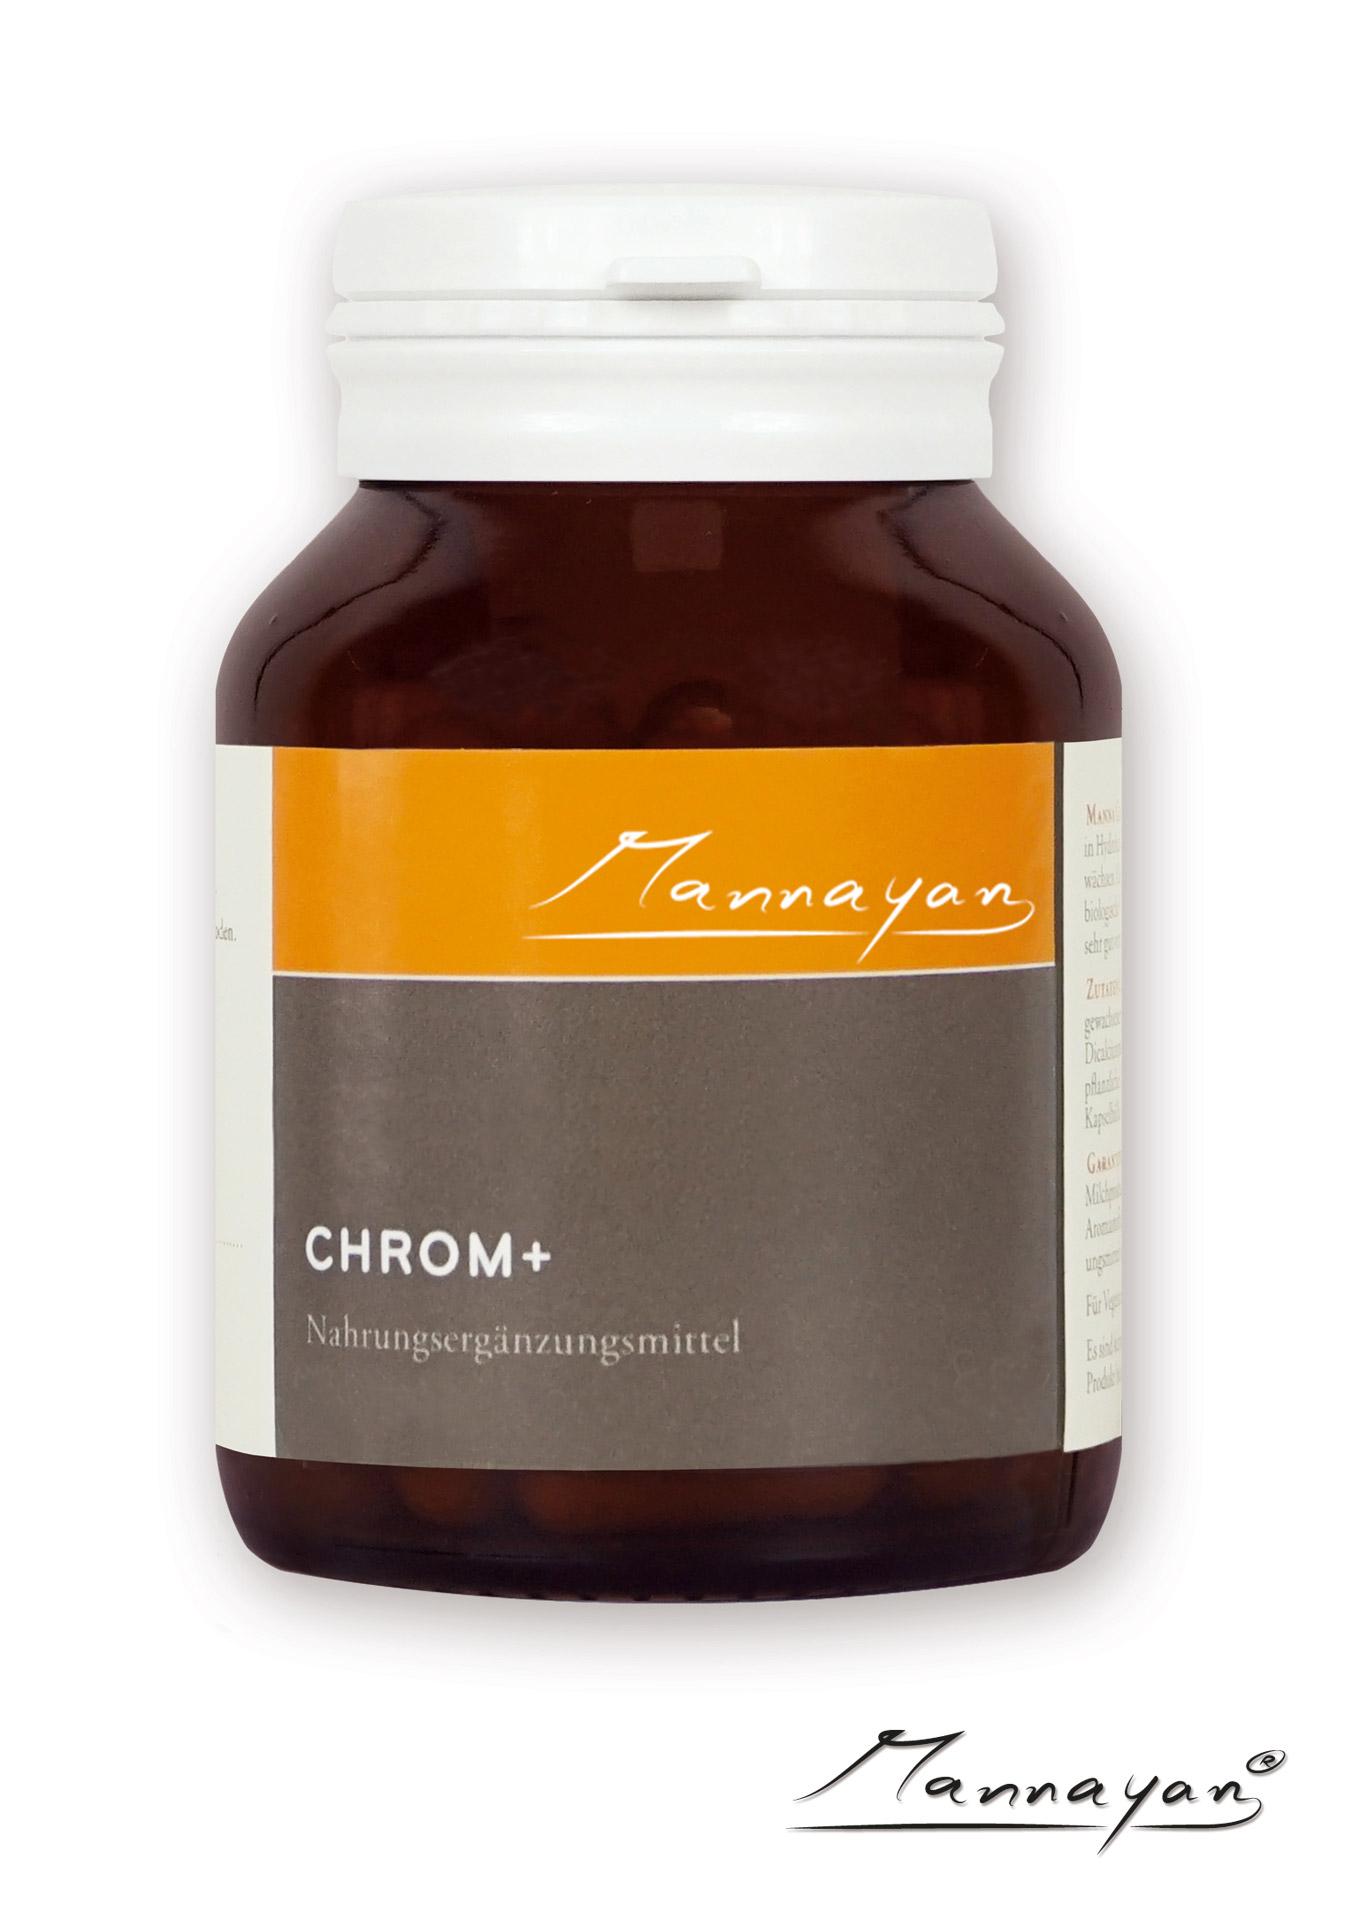 Chrom+ von Mannayan